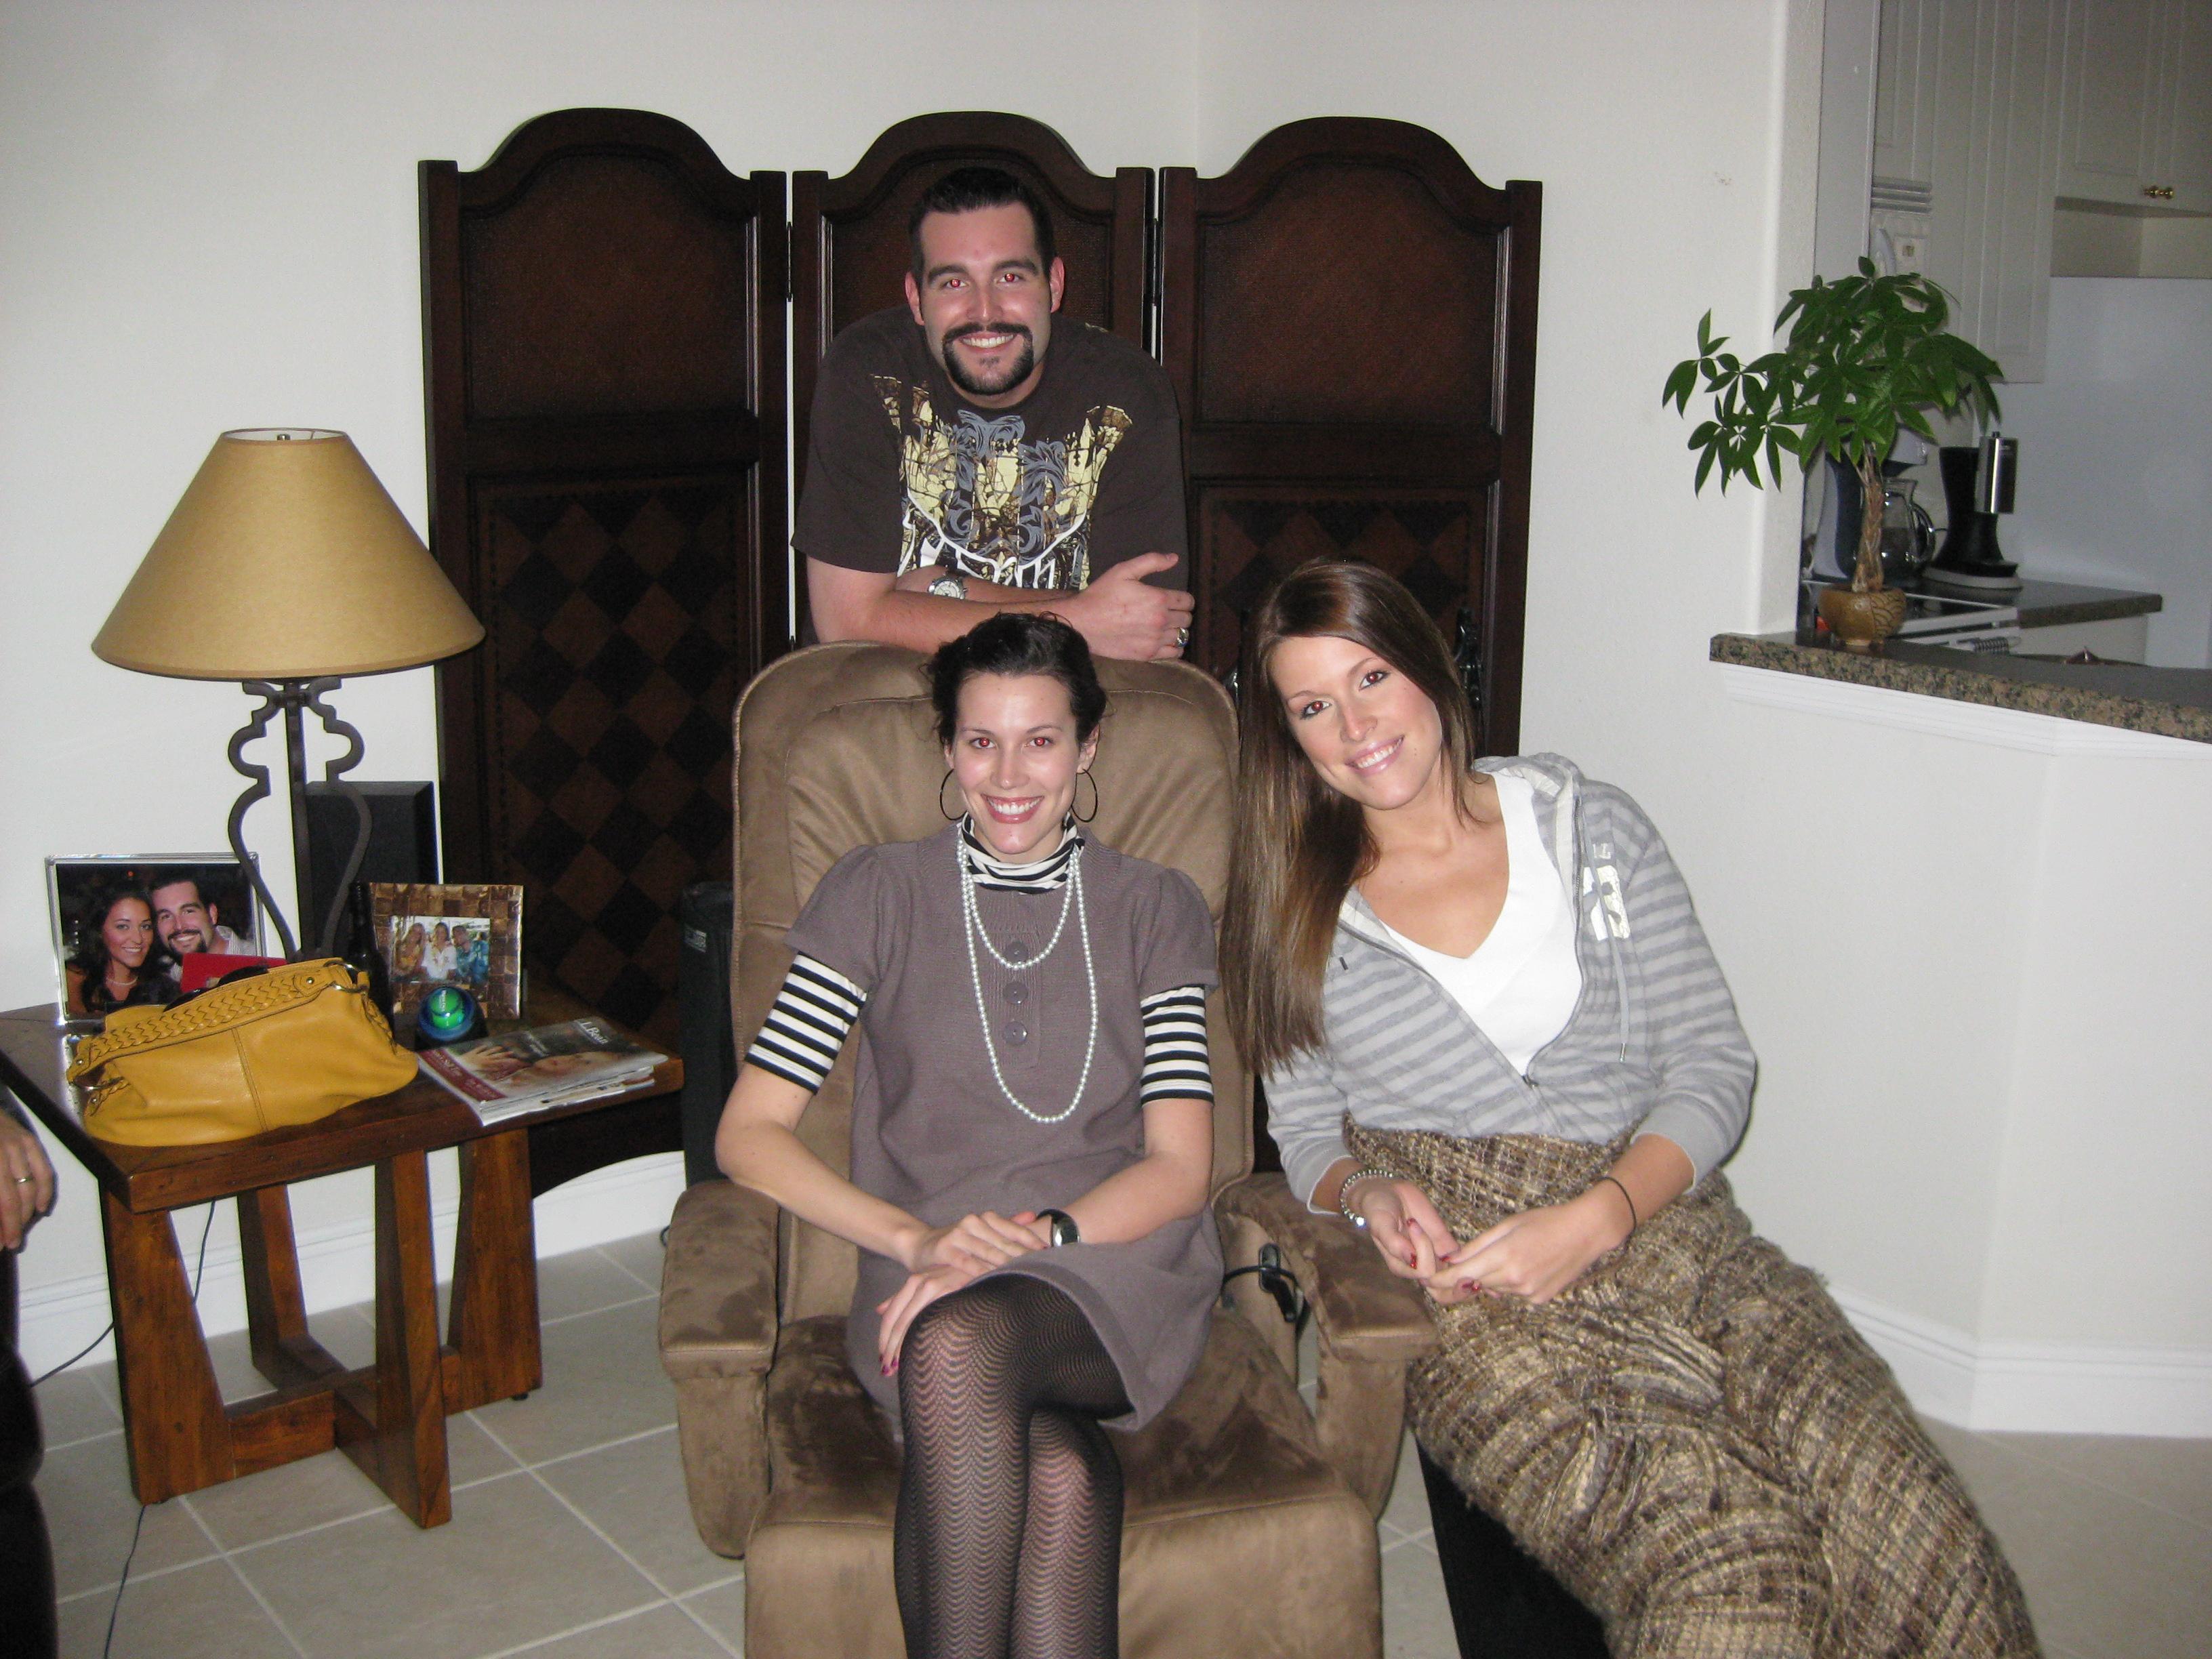 Greg, Lauren, and Lindsay Dec. 2008